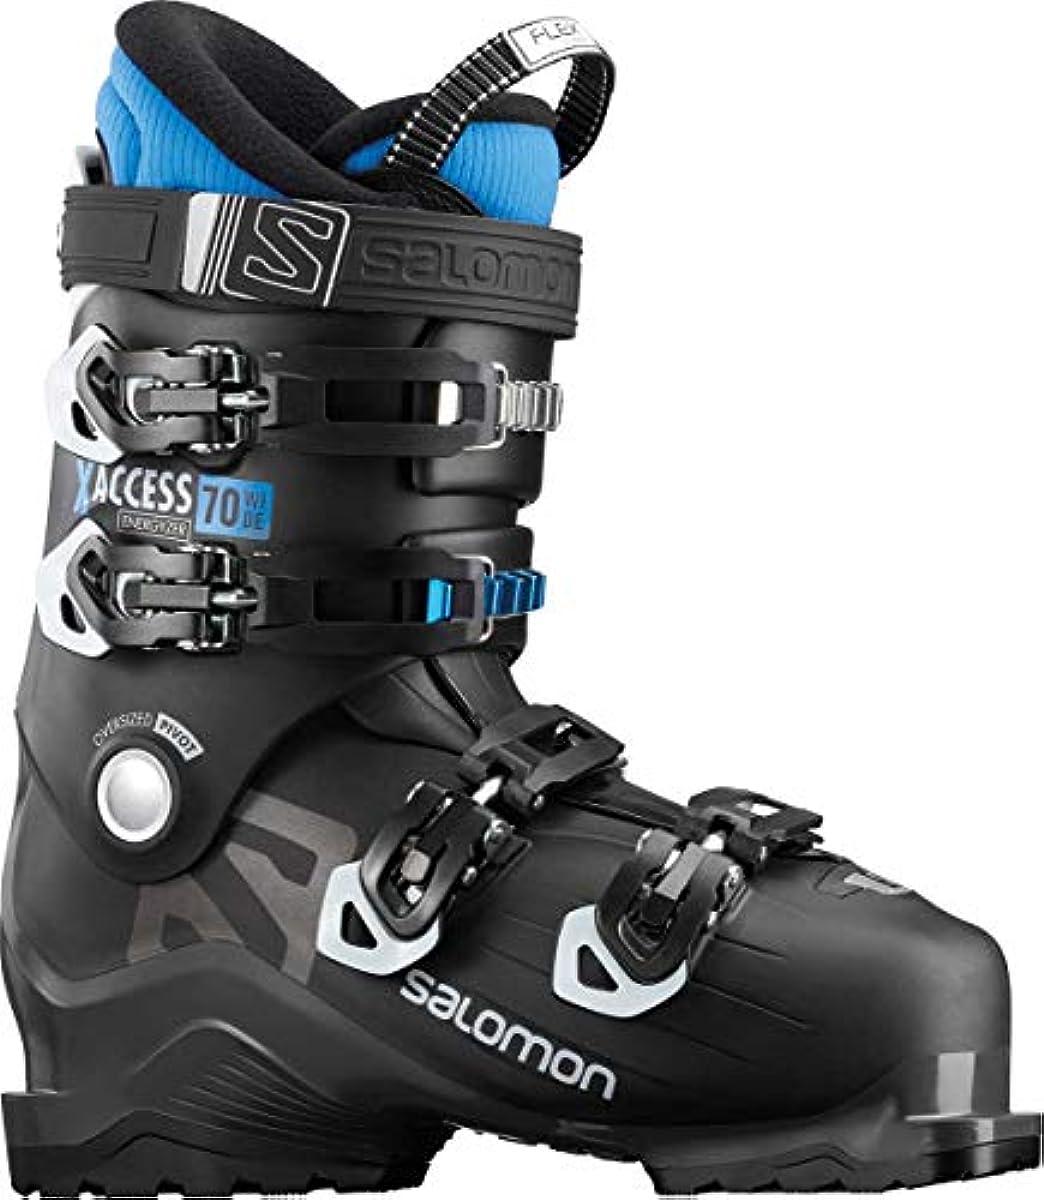 [해외] SALOMON살로몬X ACCESS 70 WIDE 스키화 맨즈 유니 L39947400